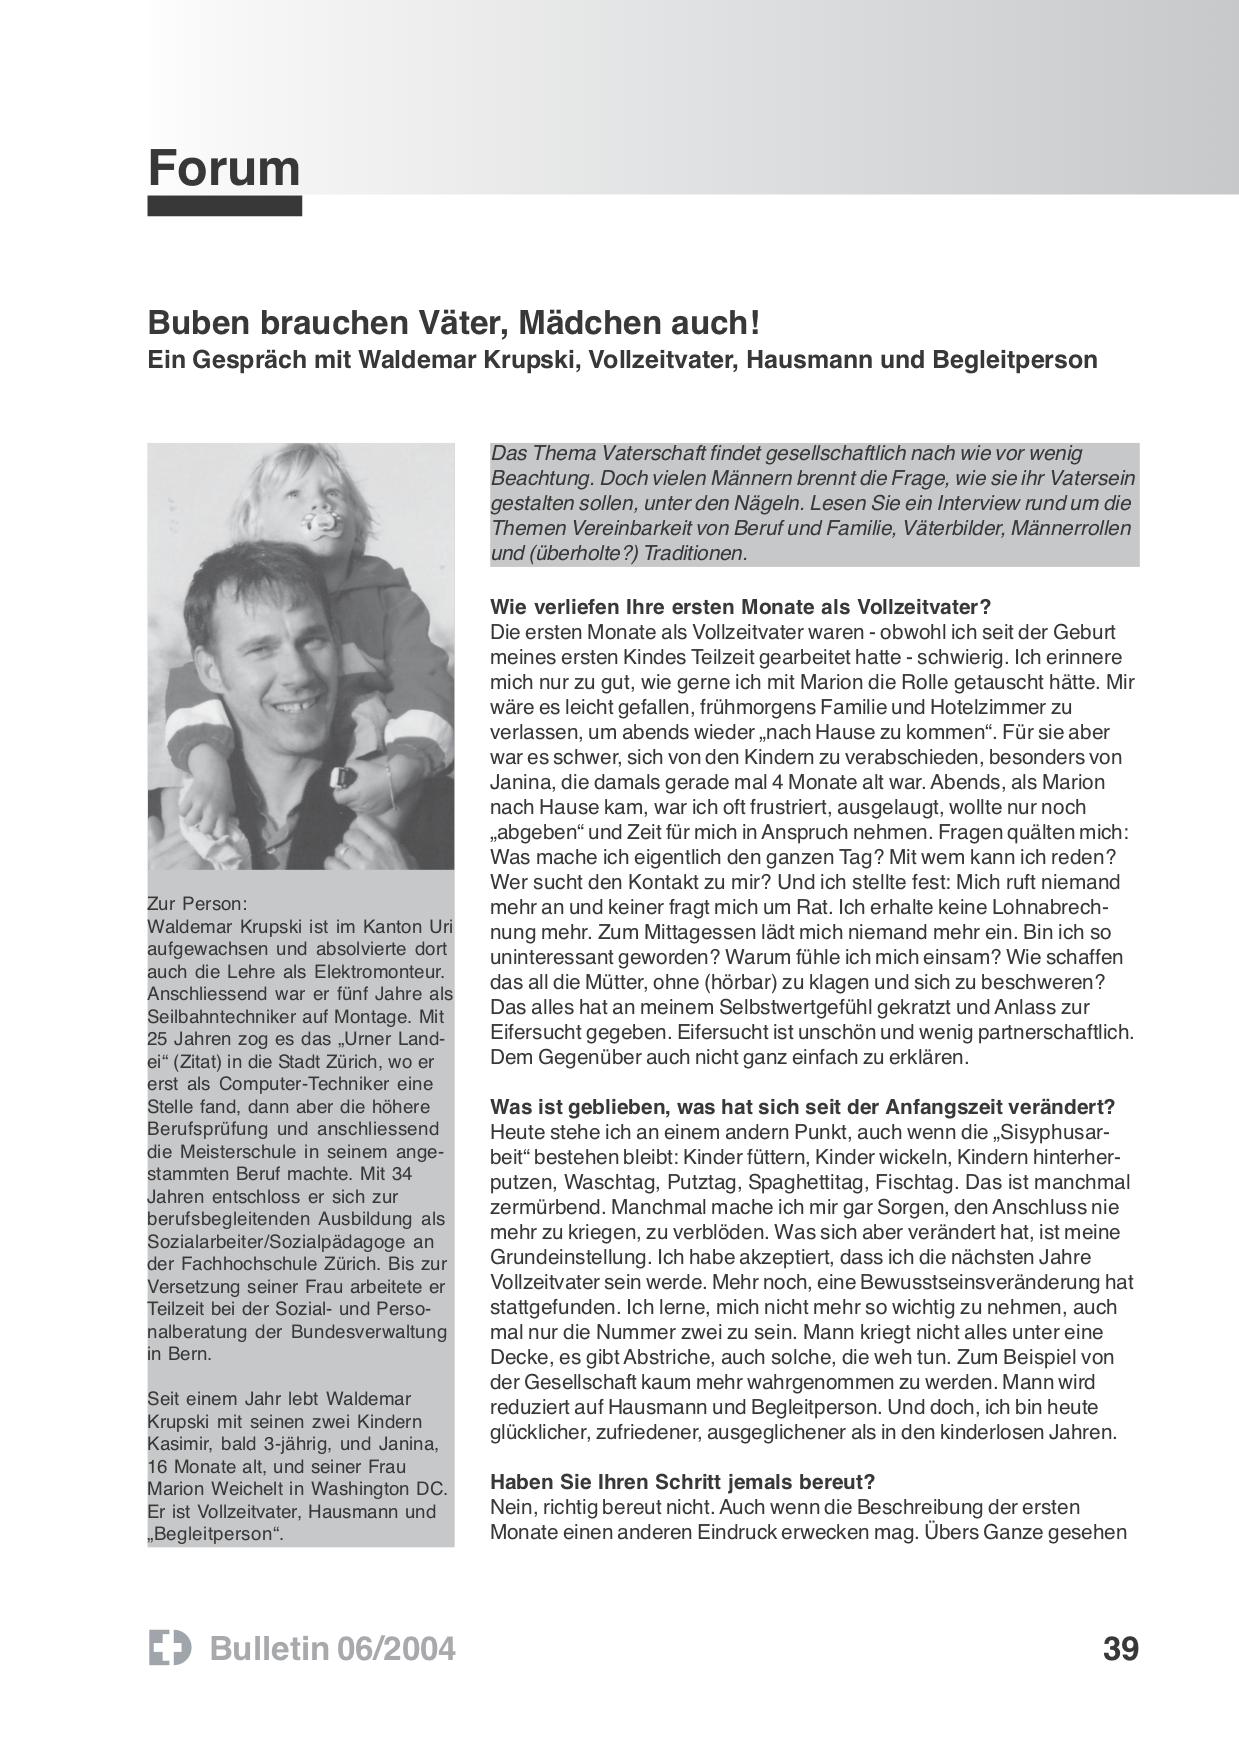 Buben brauchen Väter<a href=/in-den-medien-1/2004/01/06/buben-brauchen-vater-madchen-auch>Mehr →</a>